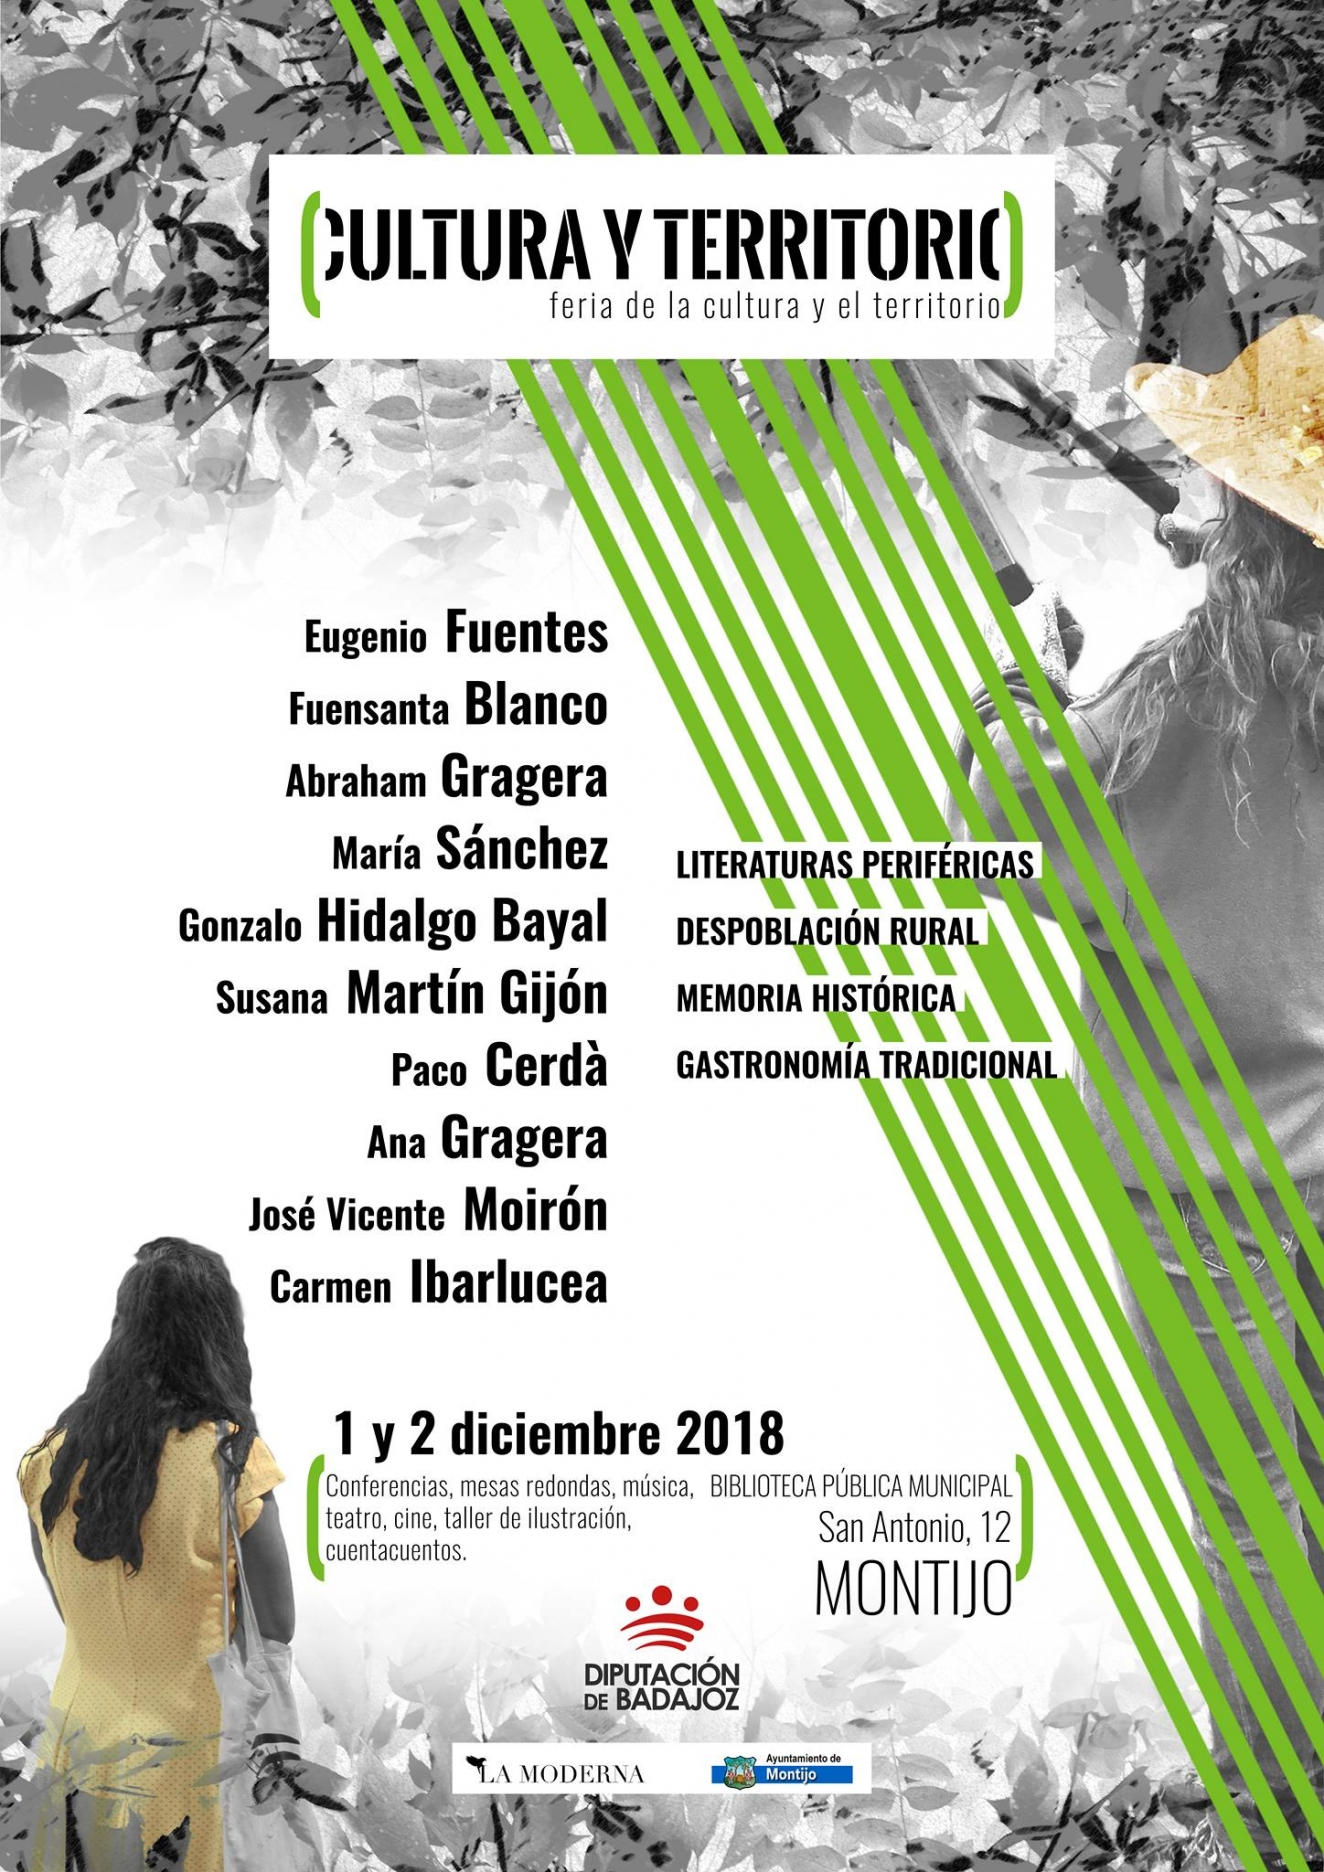 I Feria de la Cultura y el Territorio | MONTIJO